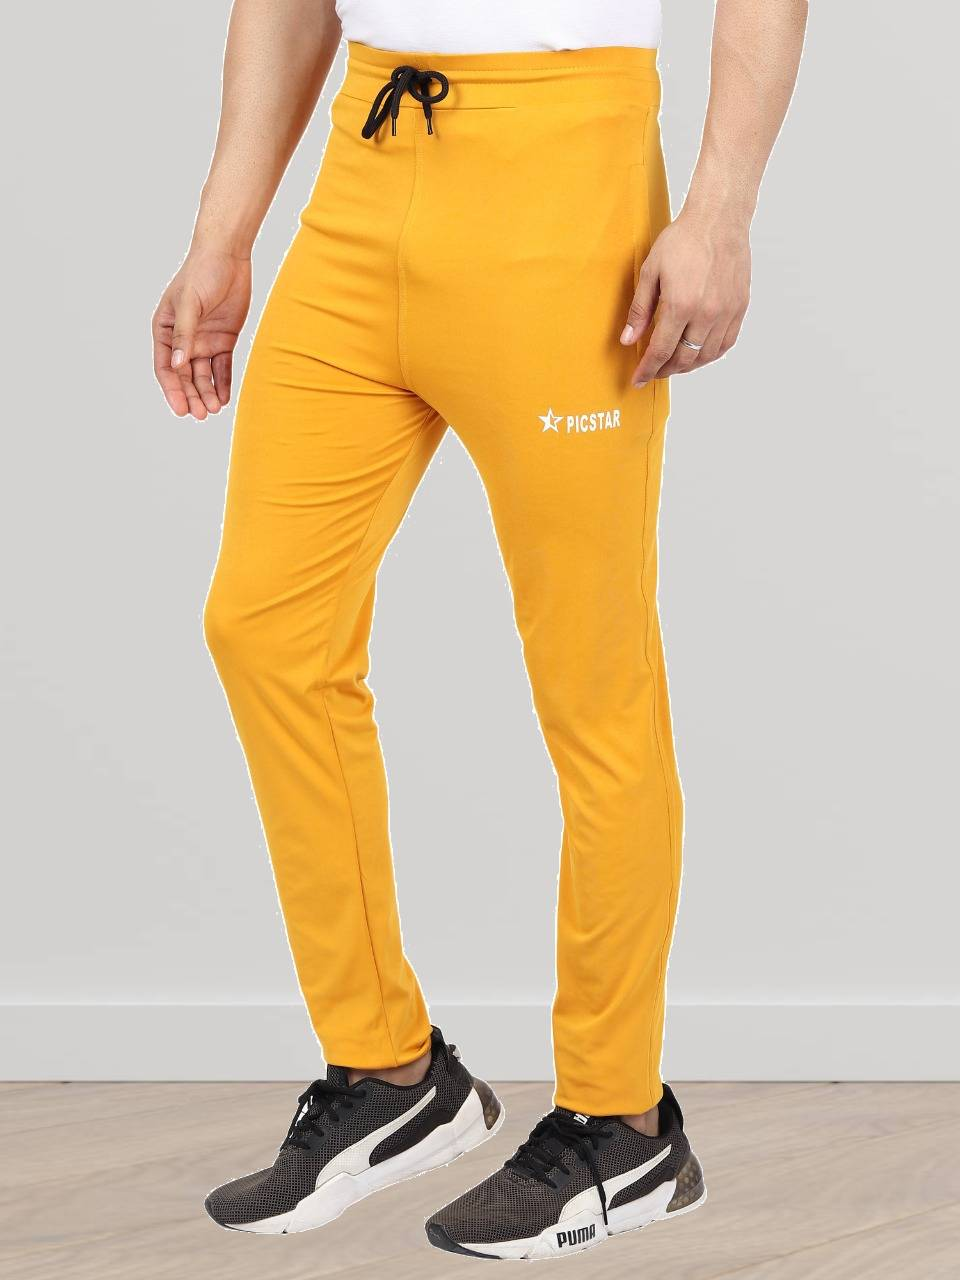 Picstar   Picstar Fox Yellow Men's Trackpant